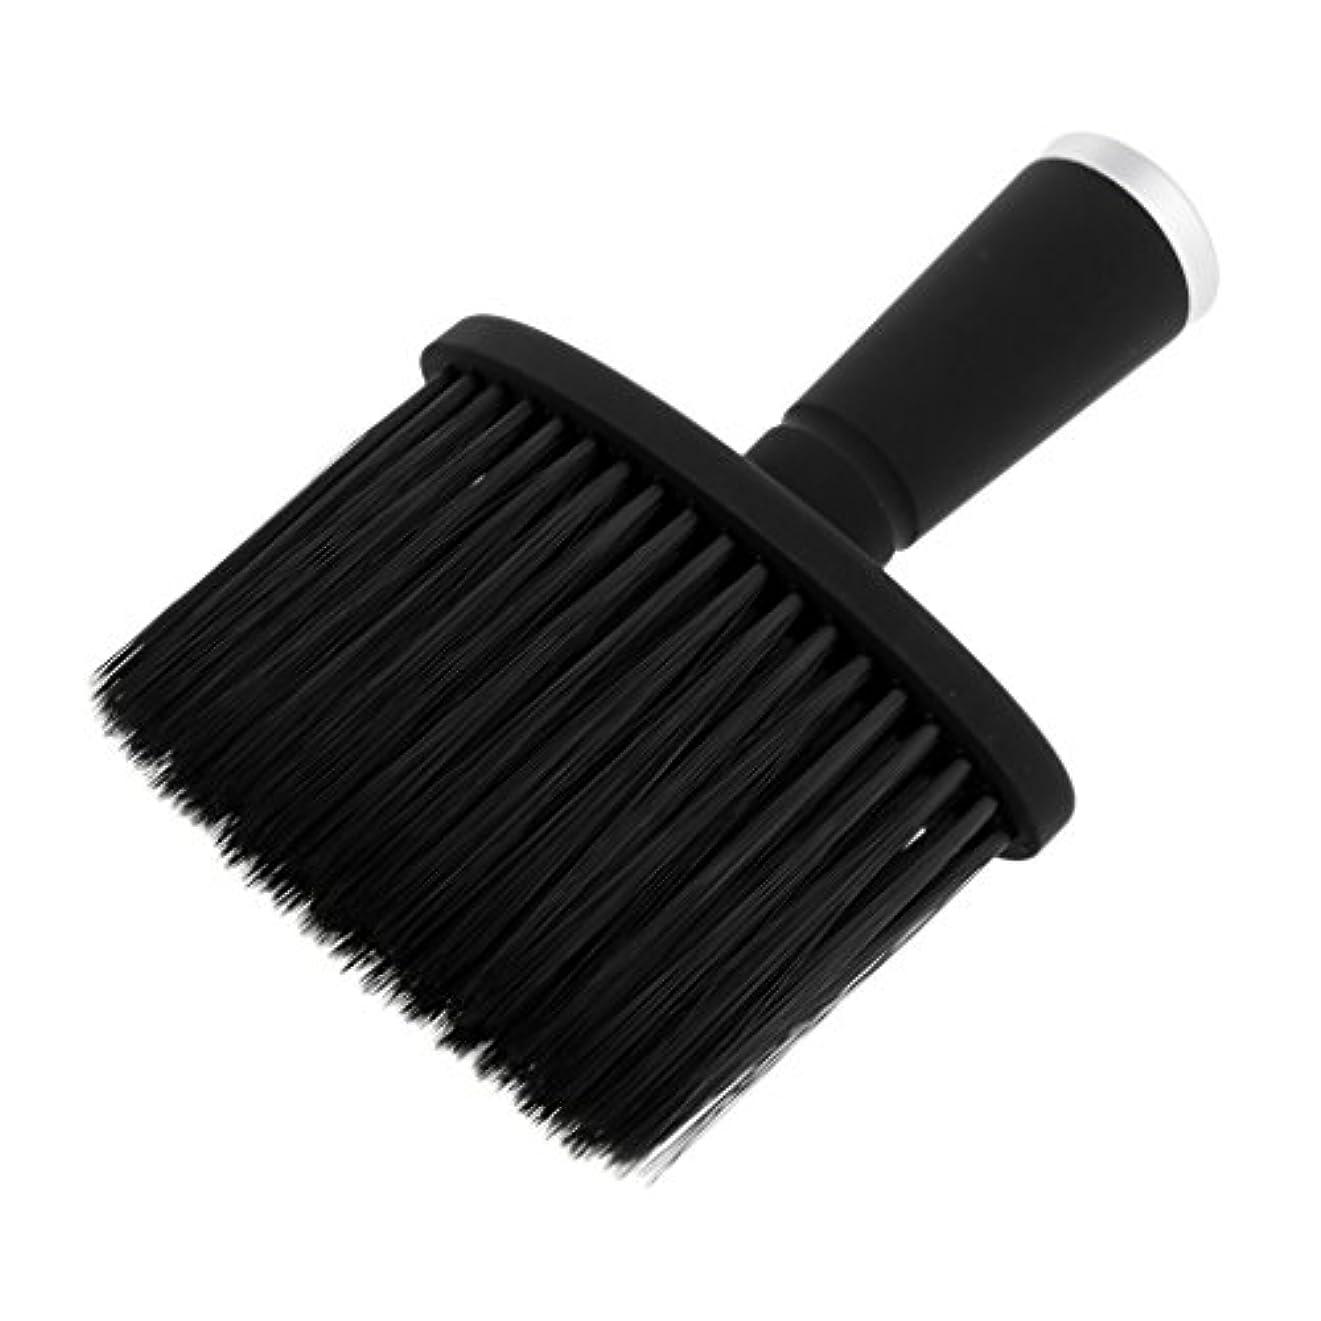 ラリーベルモント反対した計り知れないソフトネックダスターブラシサロンのためのスタイリストの理髪髪ヘアカットメイクツール - 銀